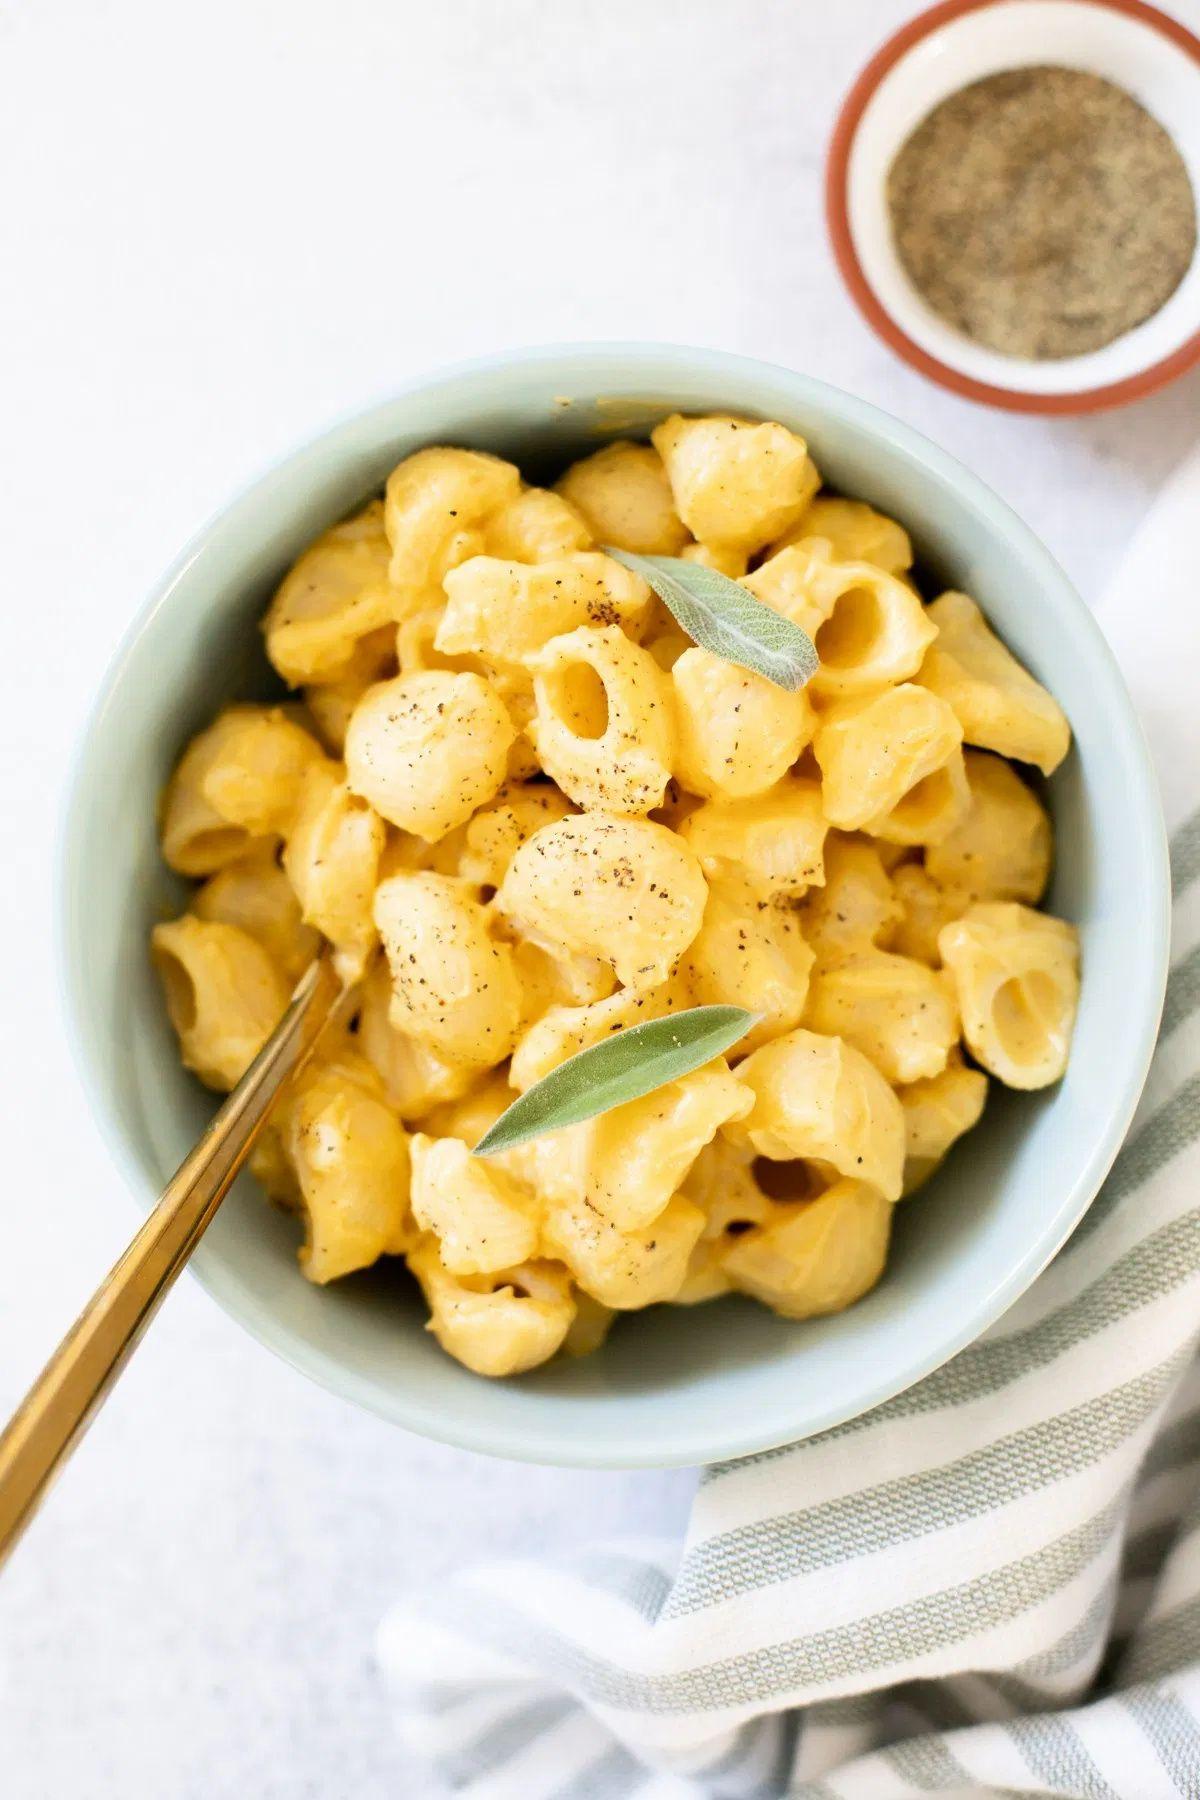 Vegan Pumpkin Mac And Cheese This Savory Vegan Recipe In 2020 Whole Food Recipes Savory Vegan Pumpkin Mac And Cheese